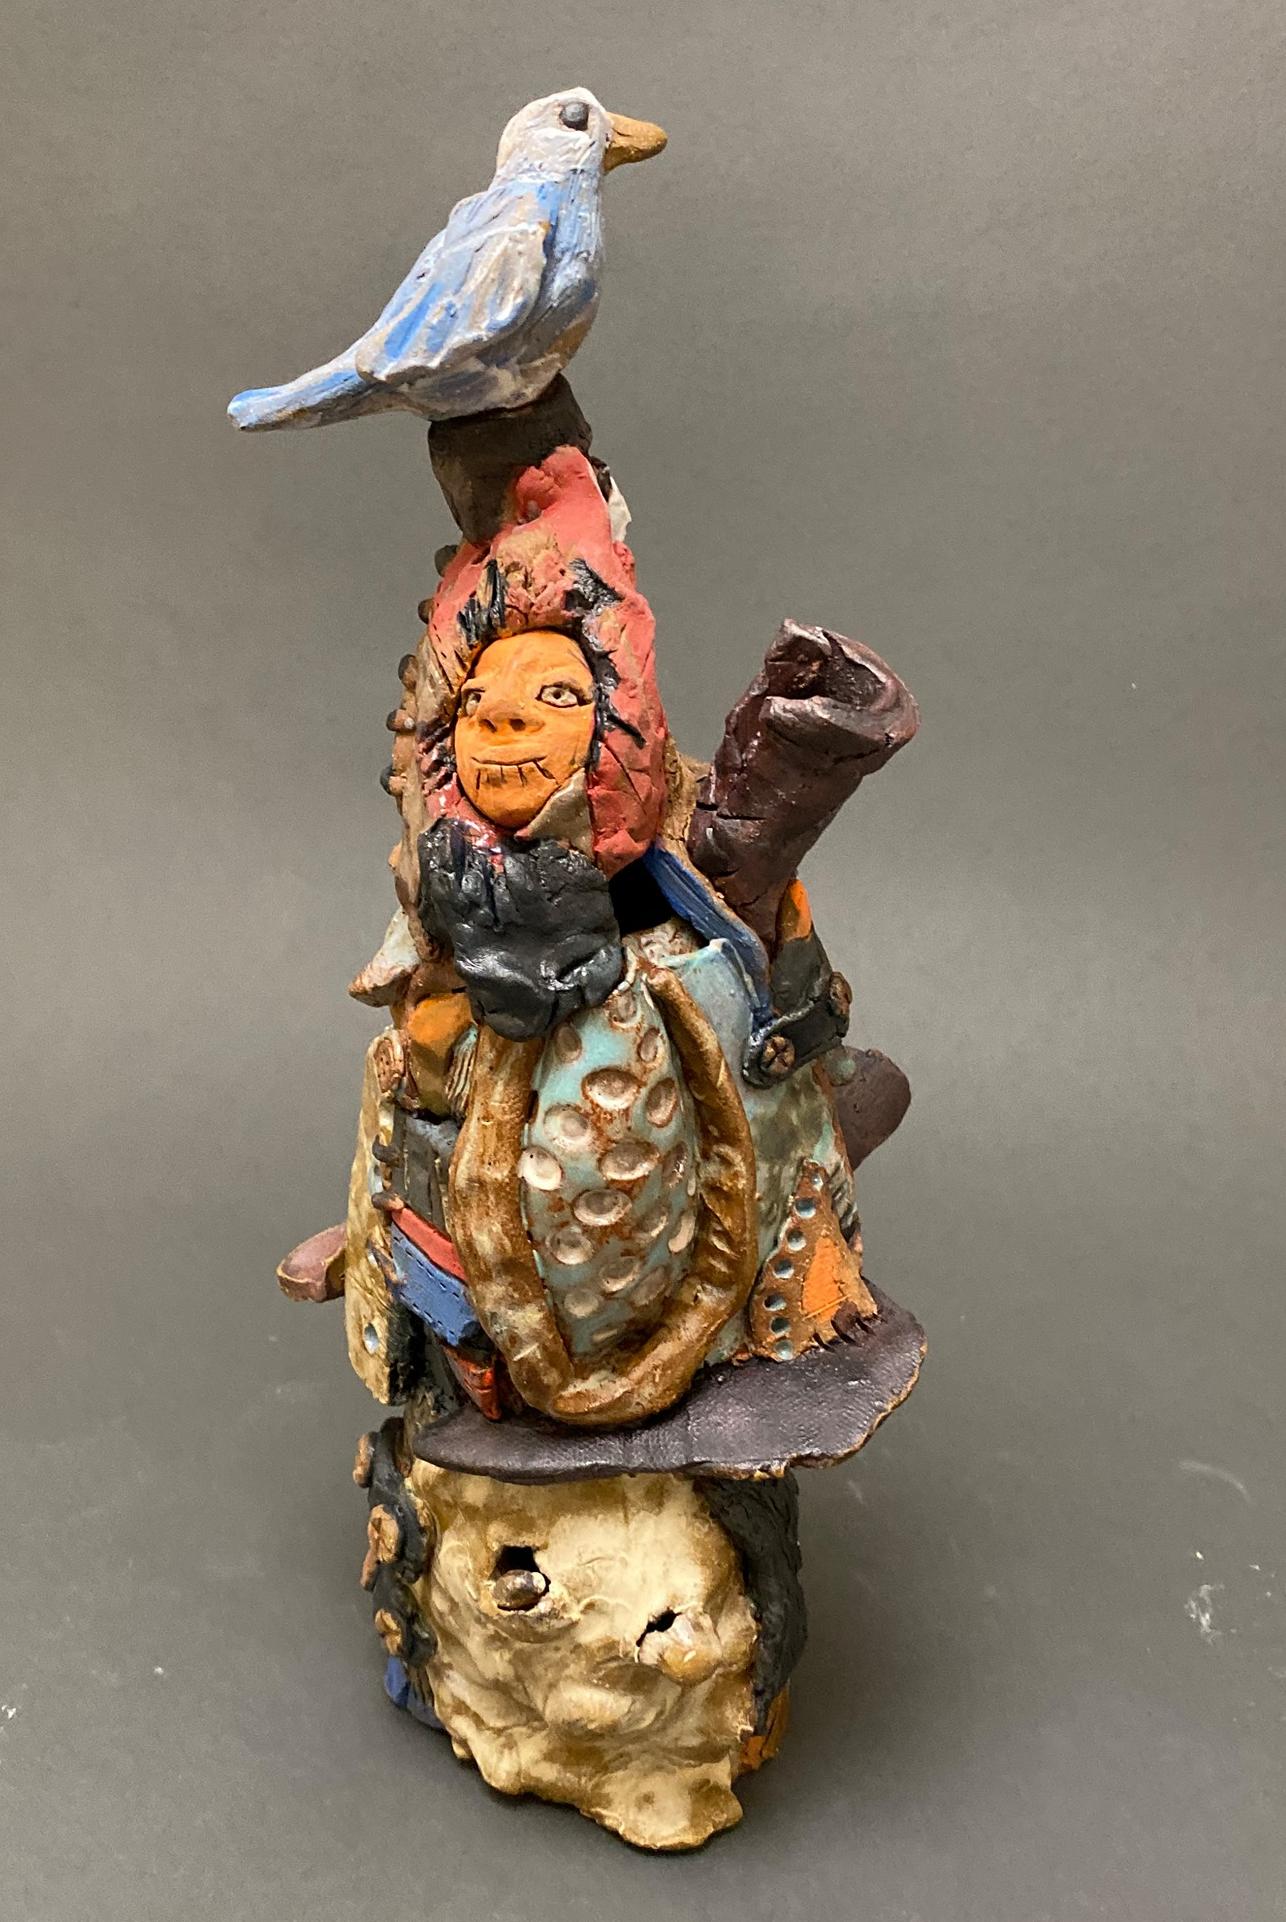 Nomad Figurine